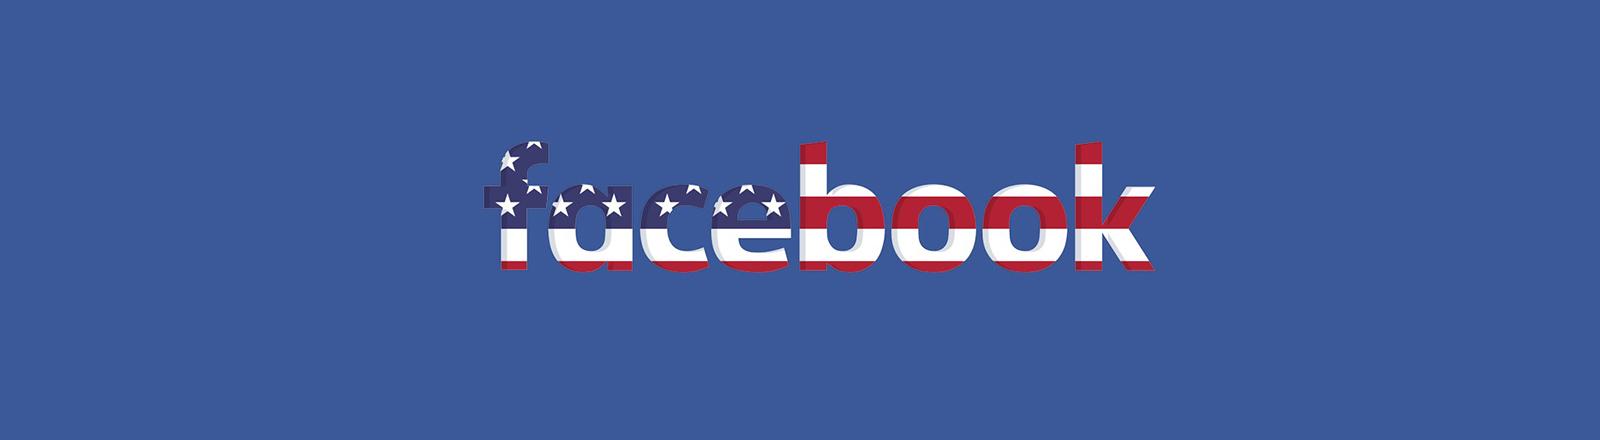 Facebook 広告のボイコット、今回はこれまでとは違う:そう確信できる理由とは? | DIGIDAY[日本版]